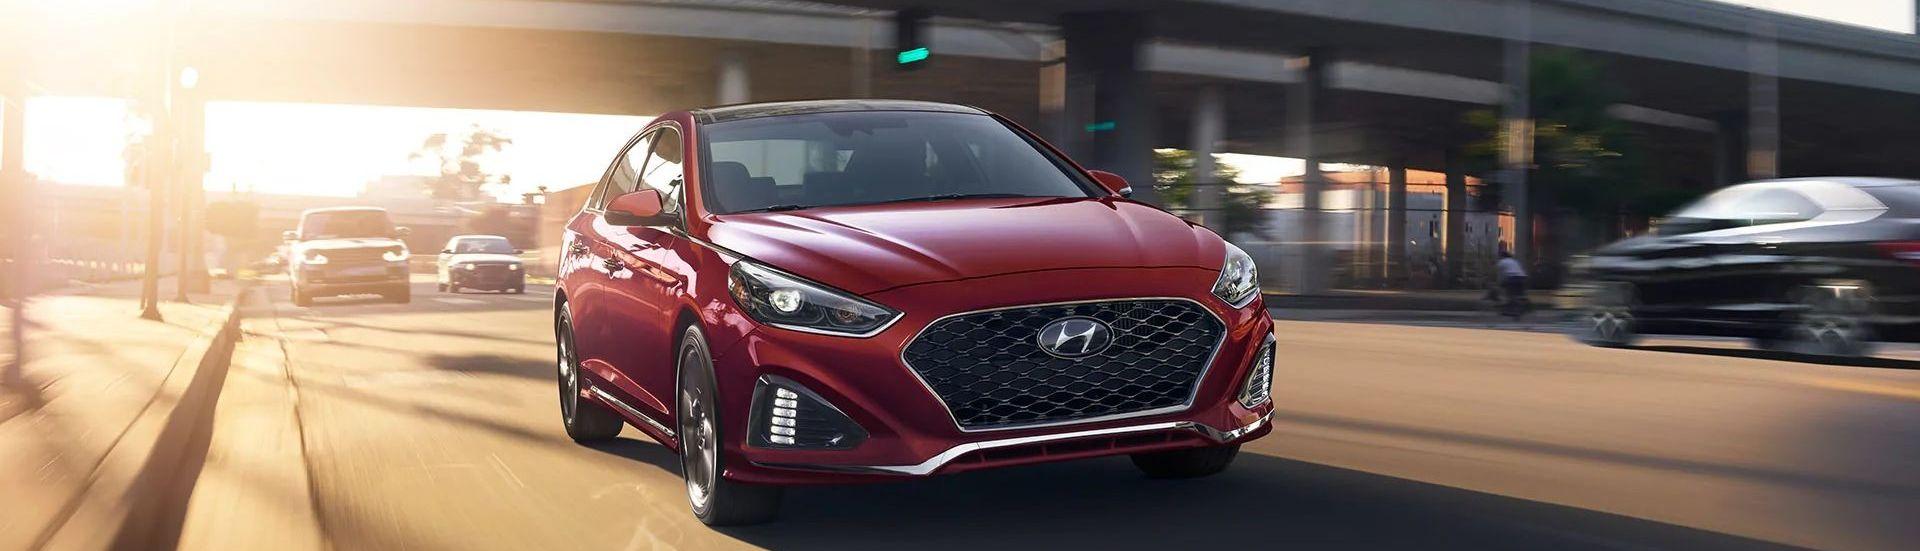 2019 Hyundai Sonata Leasing near Arlington, VA